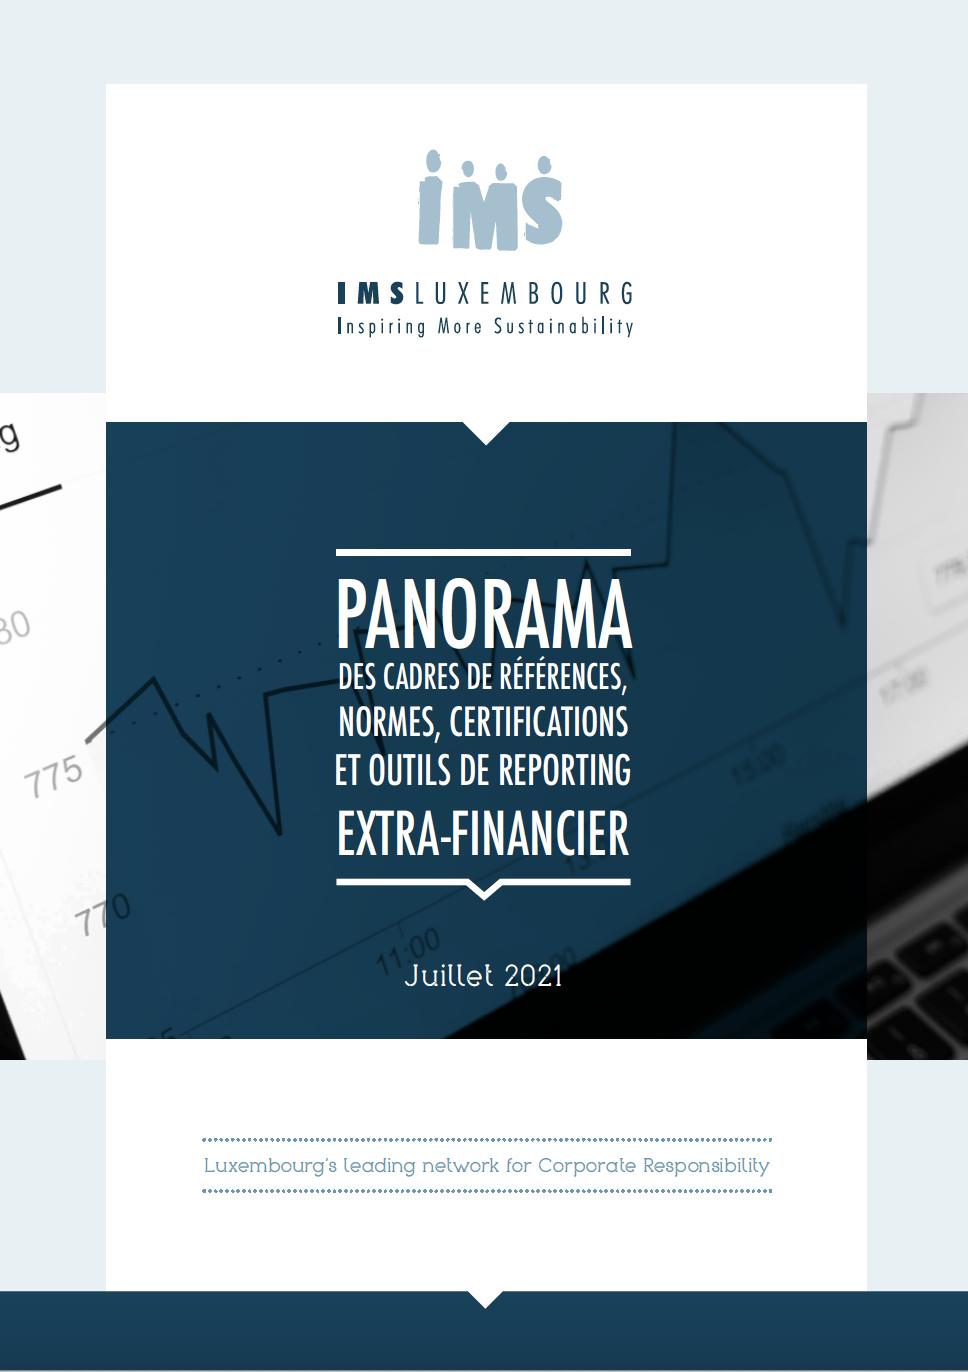 Panorama des cadres de références, normes, certifications et outils de reporting extra-financier